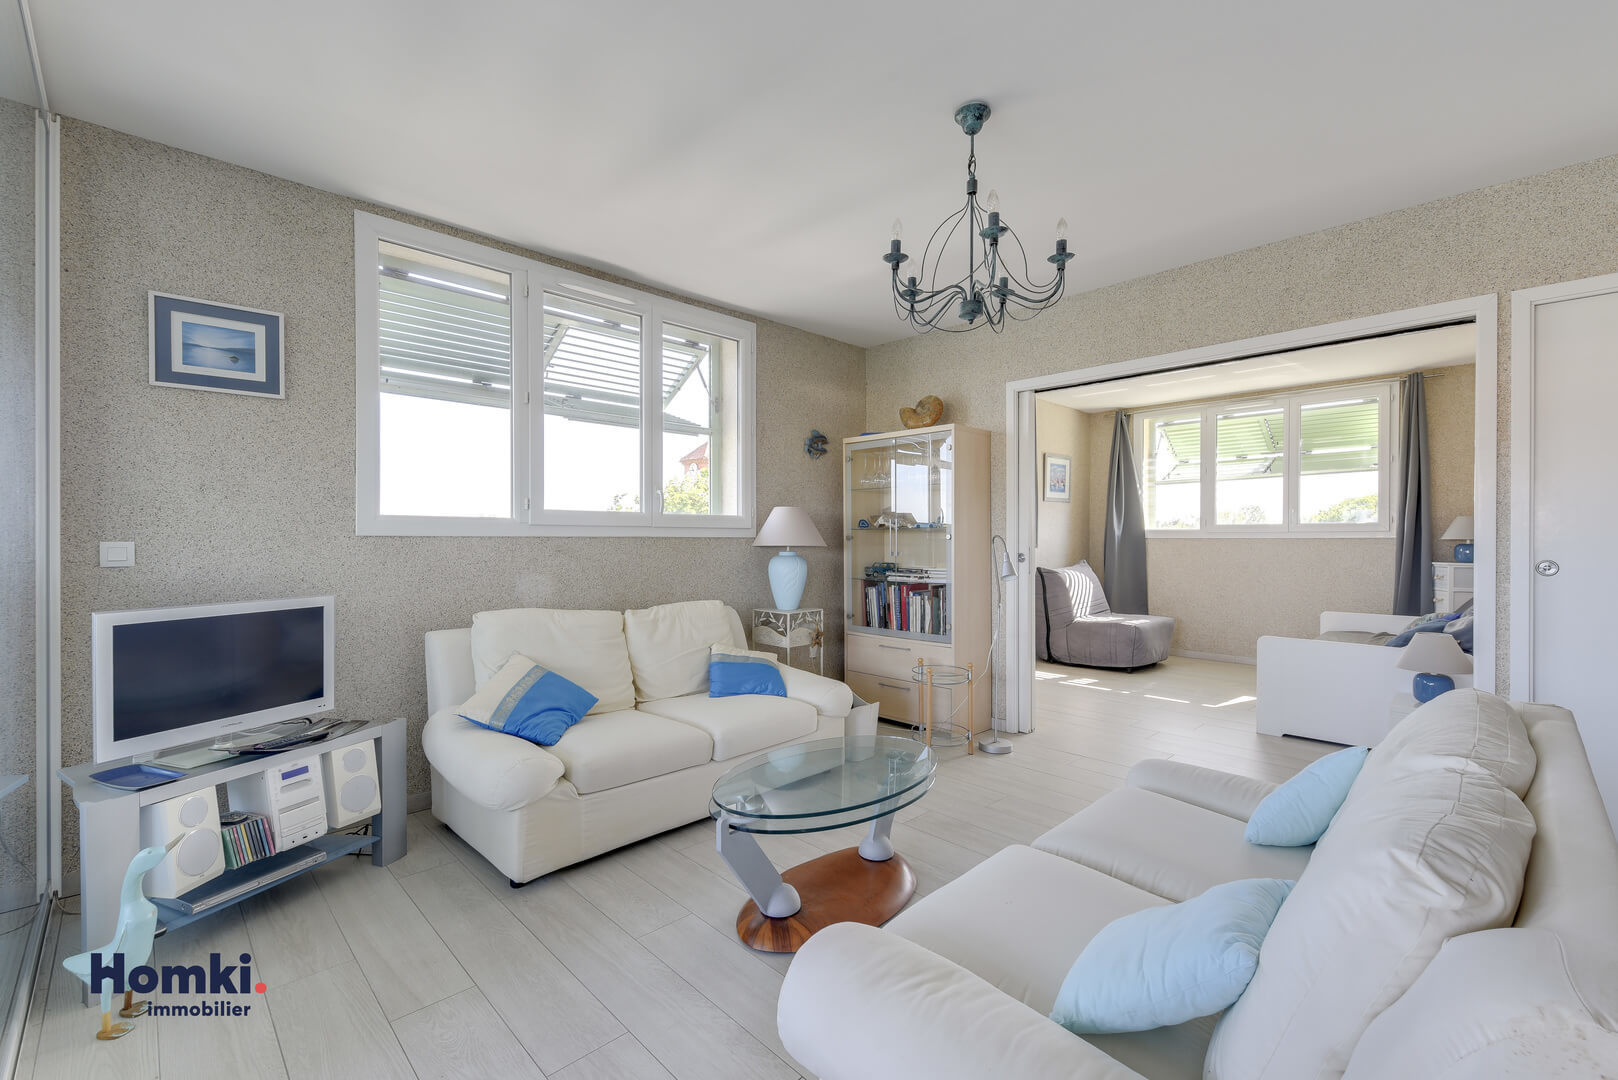 Vente Appartement 84m² T3 34300_4